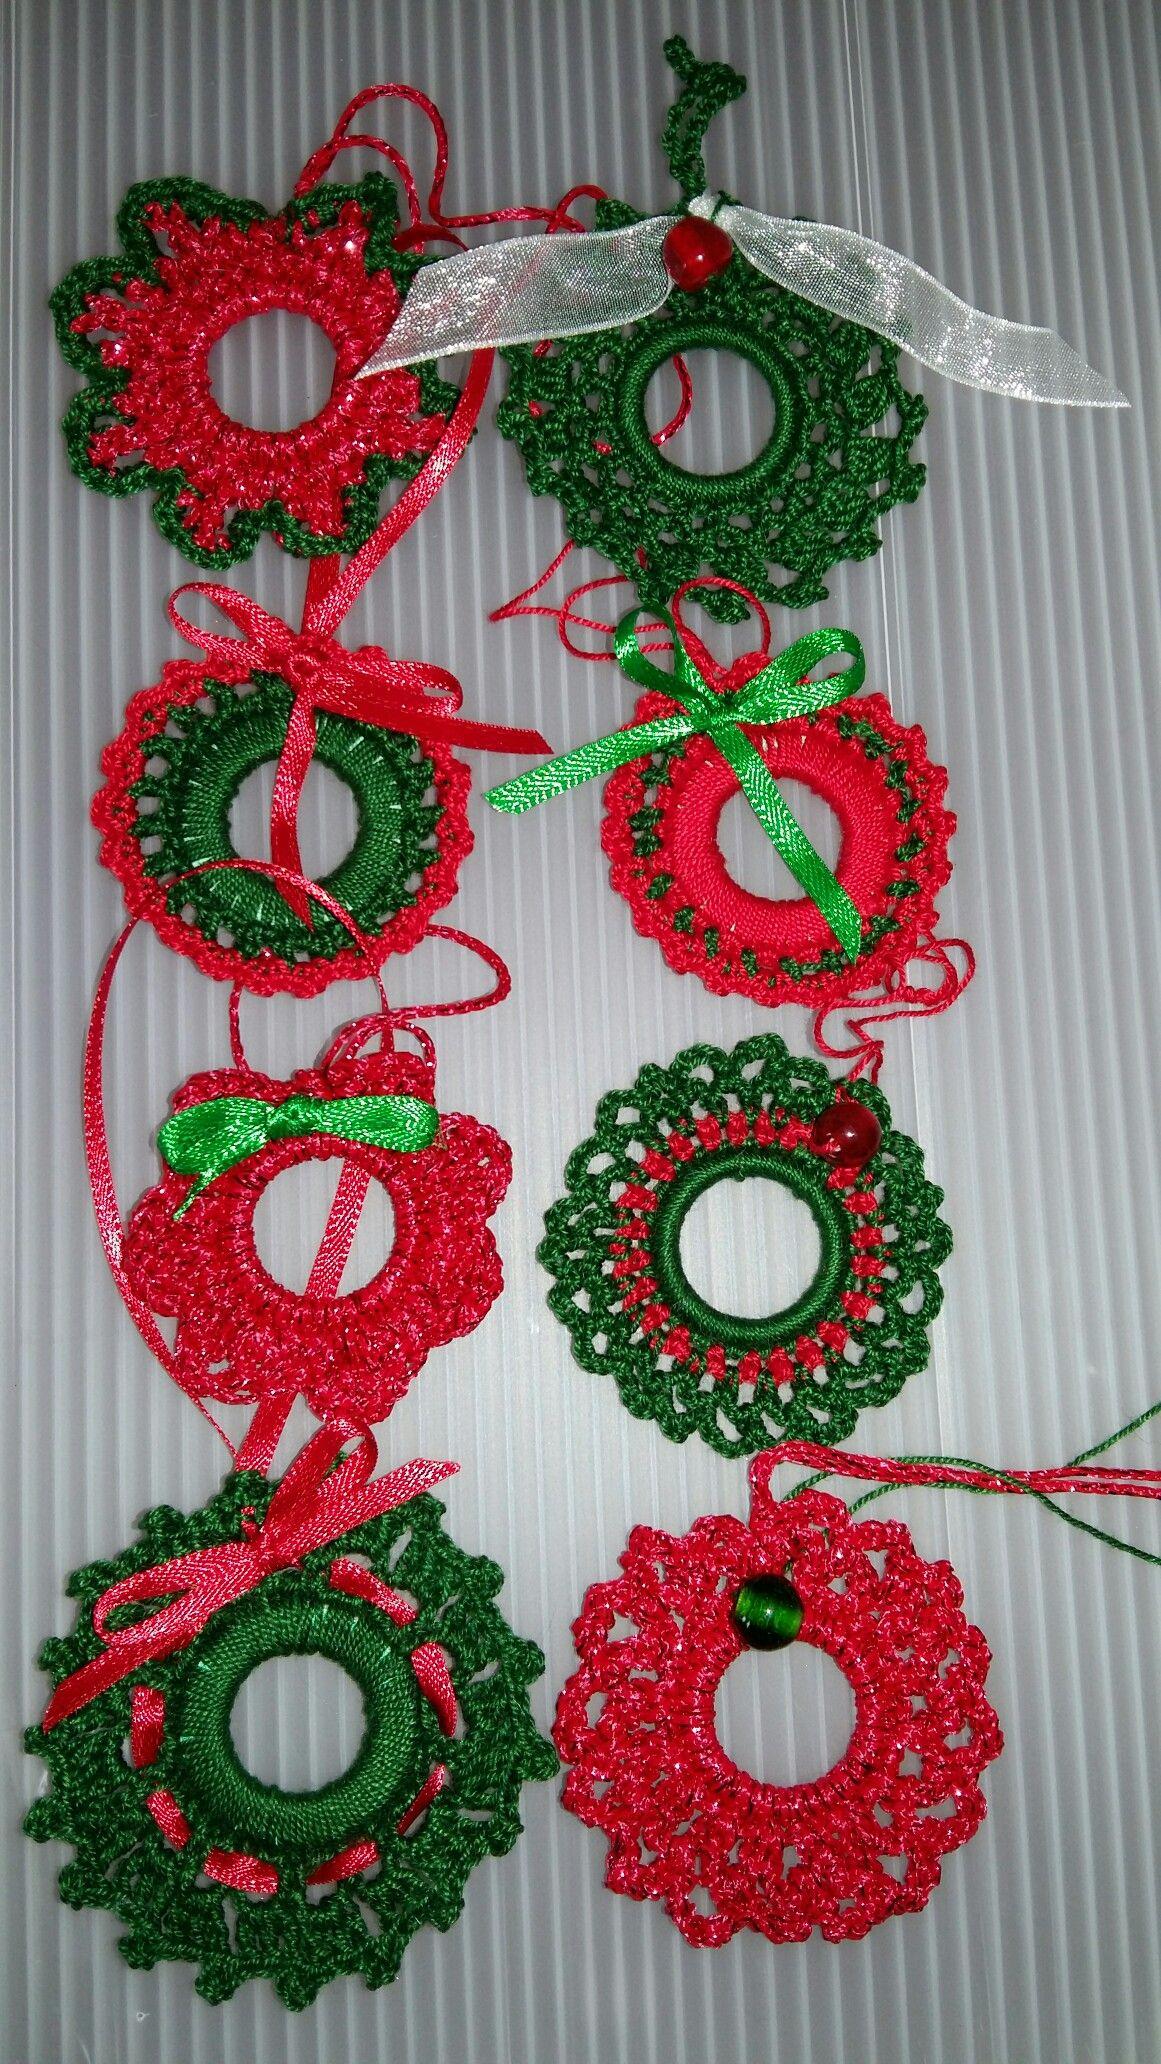 Regali Di Natale Alluncinetto.Pin Di Edith Su Blusas Uncinetto Natalizio Mercatini Di Natale E